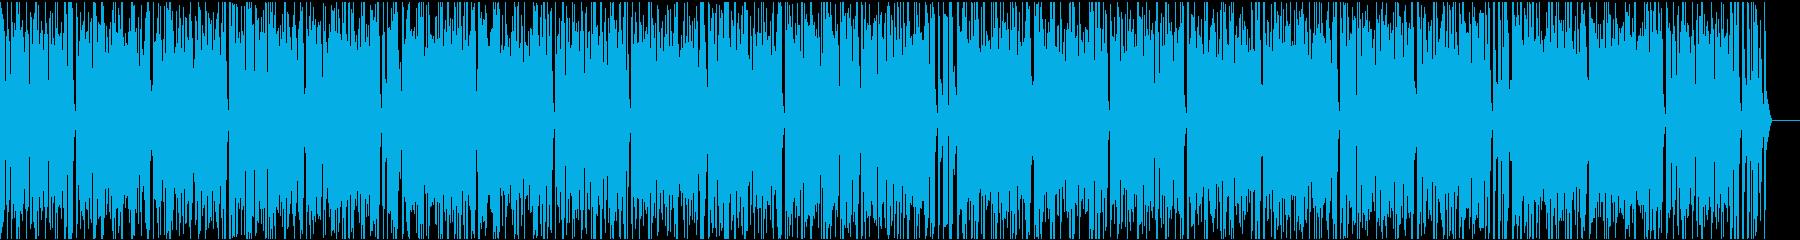 おしゃれイケイケ/イントロ9秒の再生済みの波形